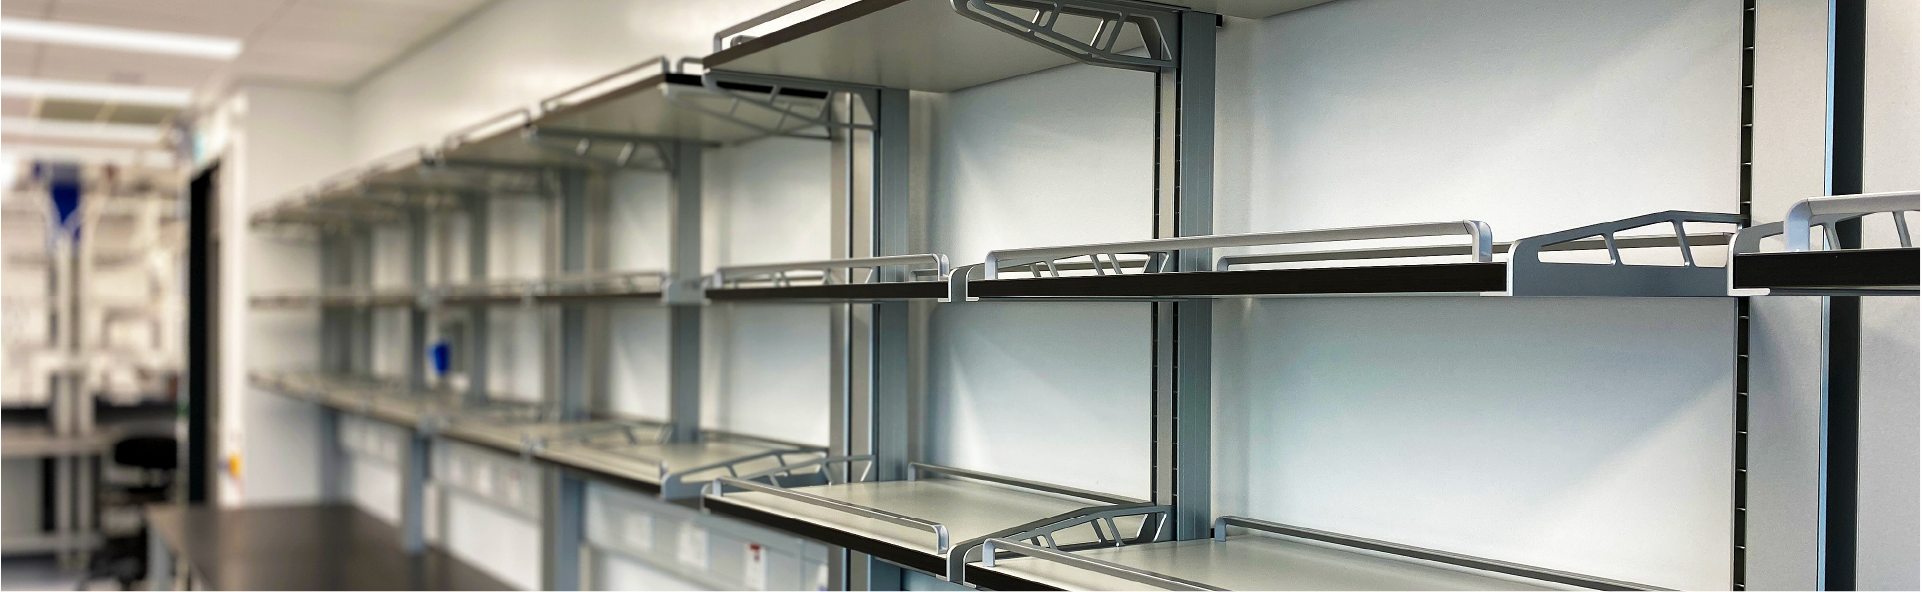 Solid Standing Open Shelf